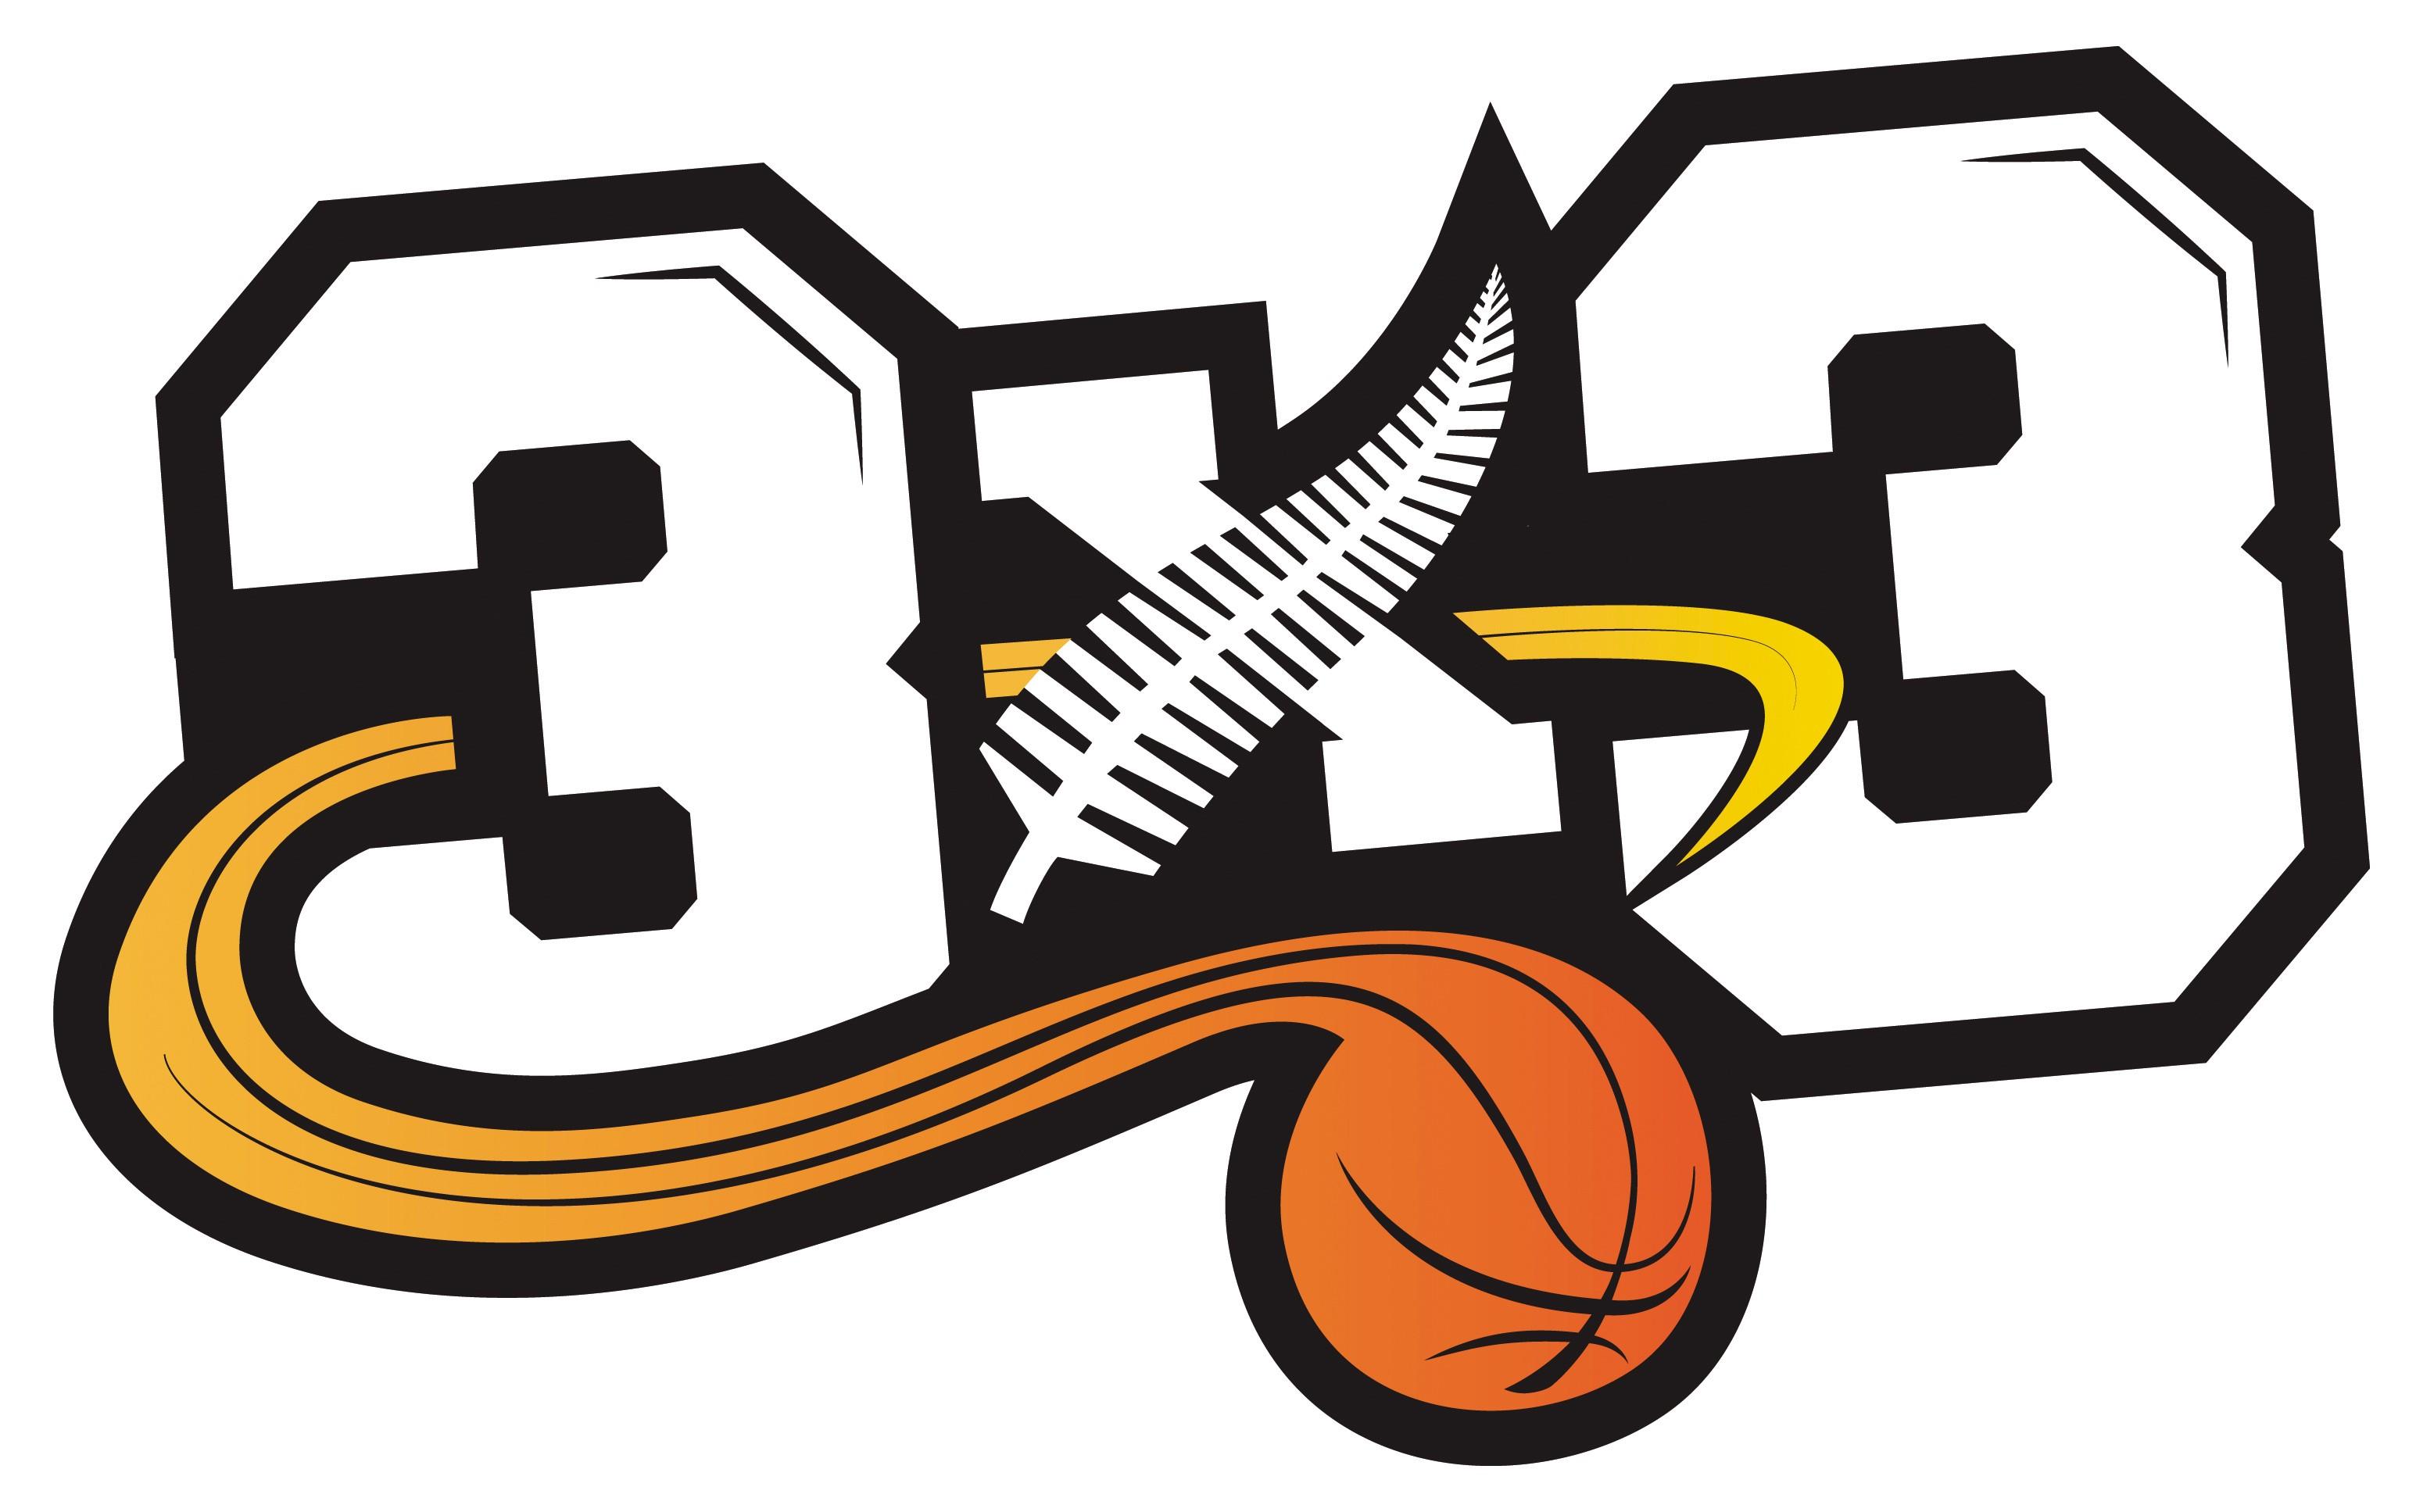 國立新竹高商107-2學年度高二3對3班際籃球賽-男子「賽程公告」